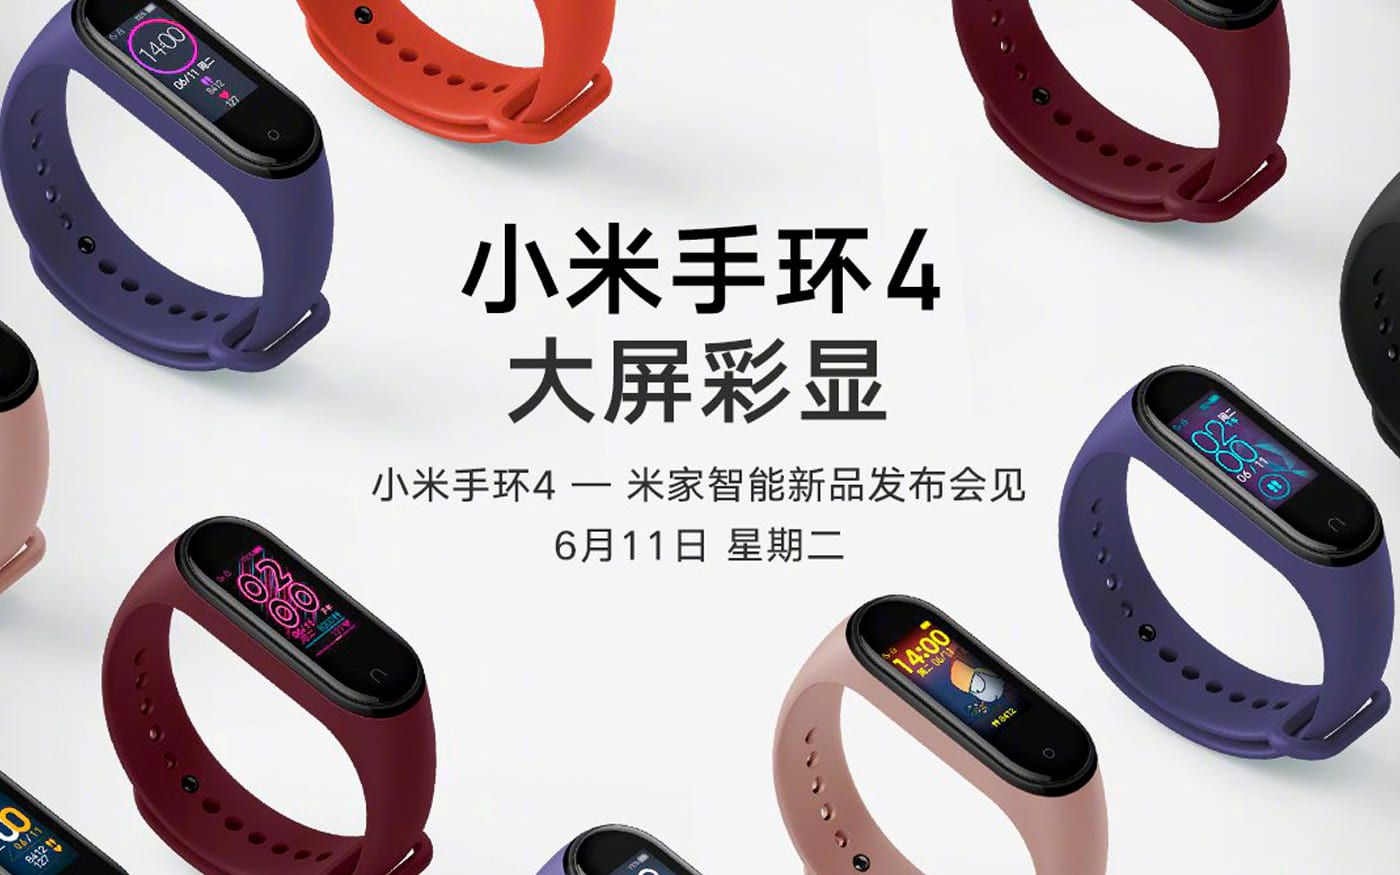 Mi Band 4: Pulseira inteligente da Xiaomi terá função para pagamento